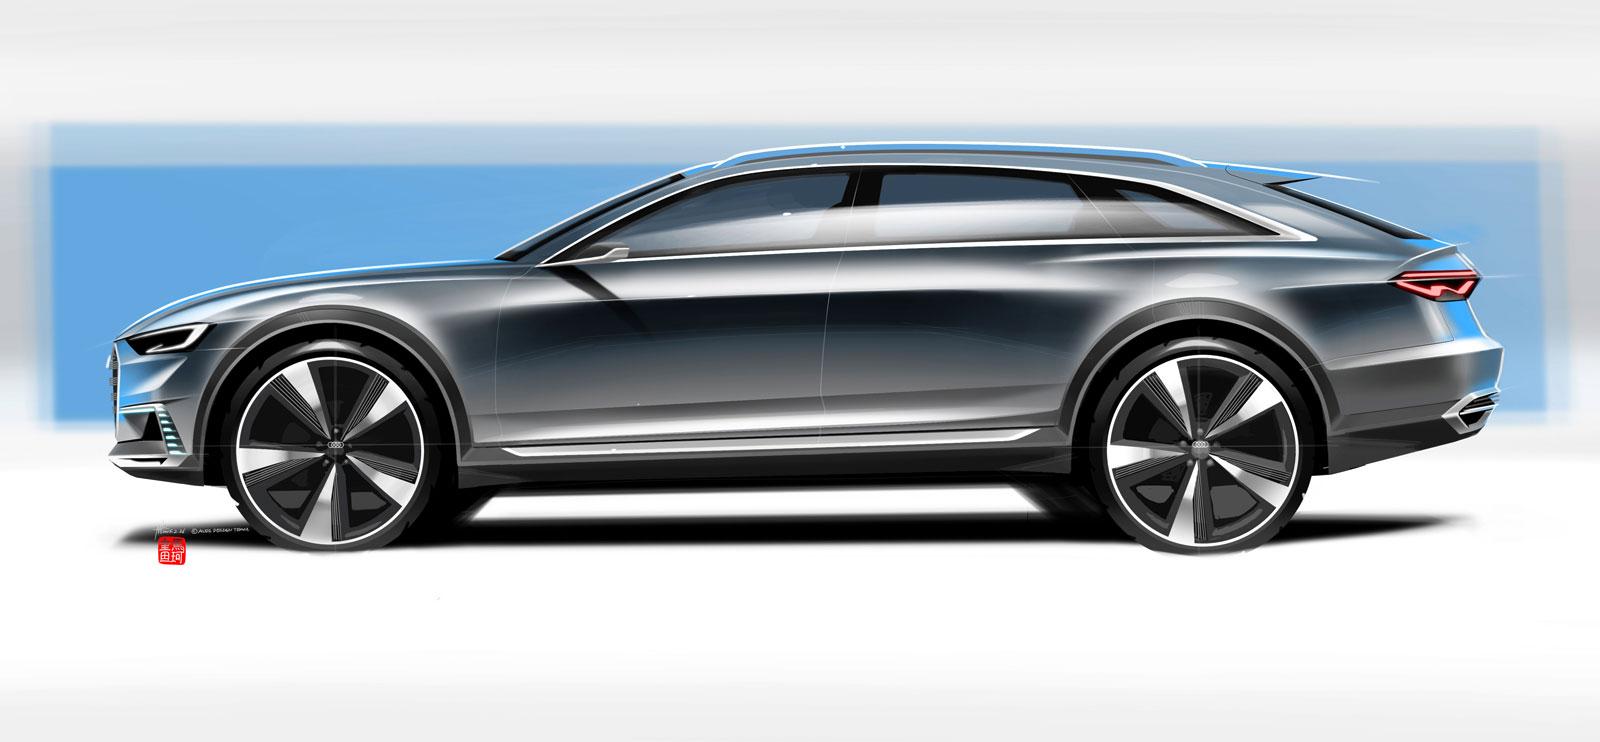 2015 Audi Prologue Allroad Concepts